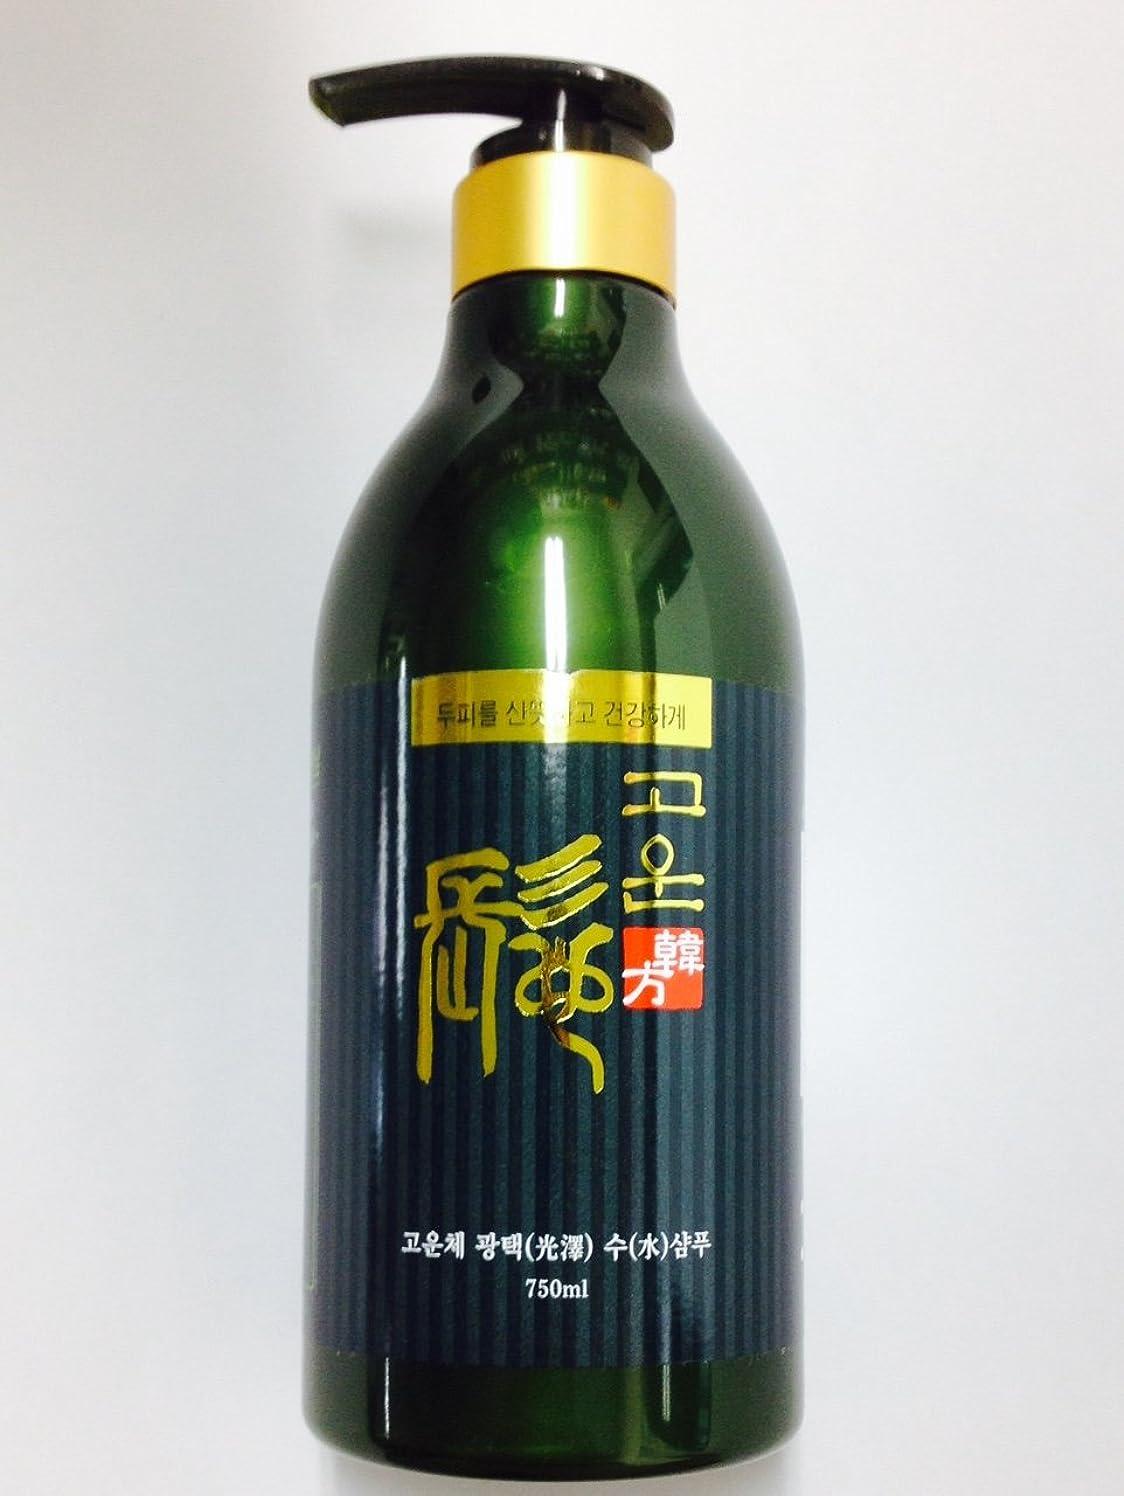 プランター依存する受賞ゴウンチェ オーガニック韓方光沢シャンプー 750ml